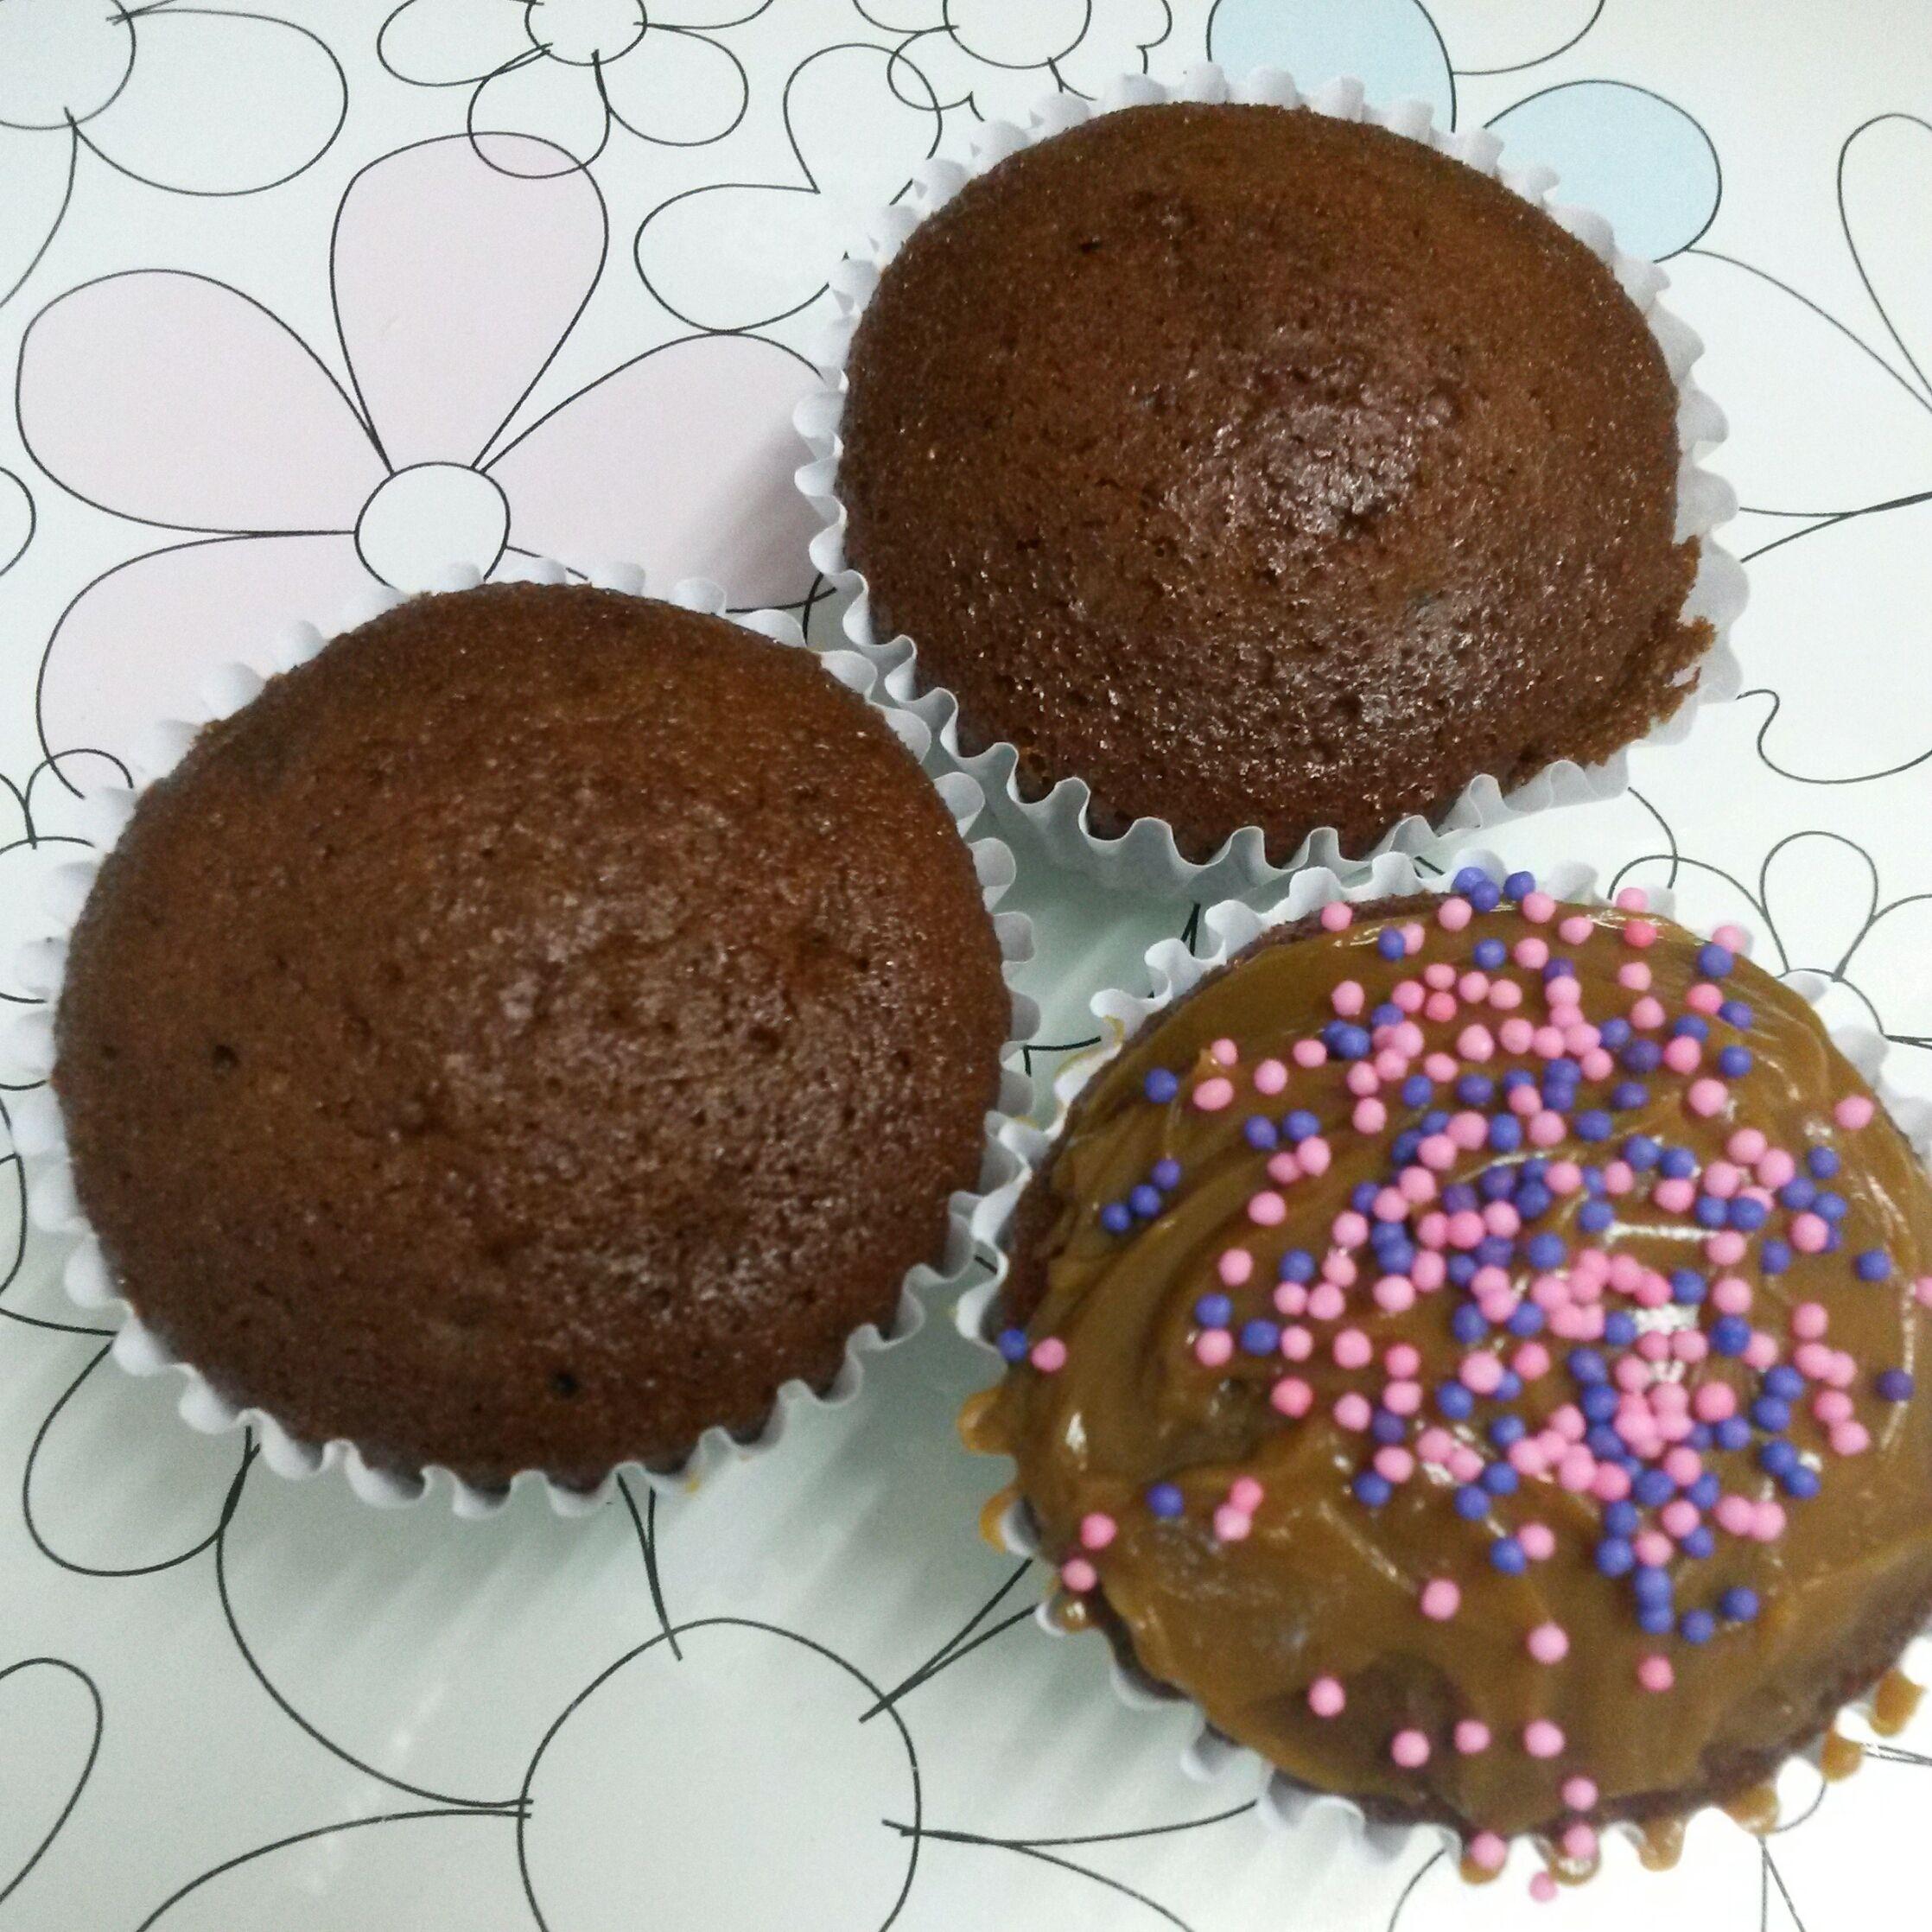 Cupcakes de chocolate (feito no liquidificador)